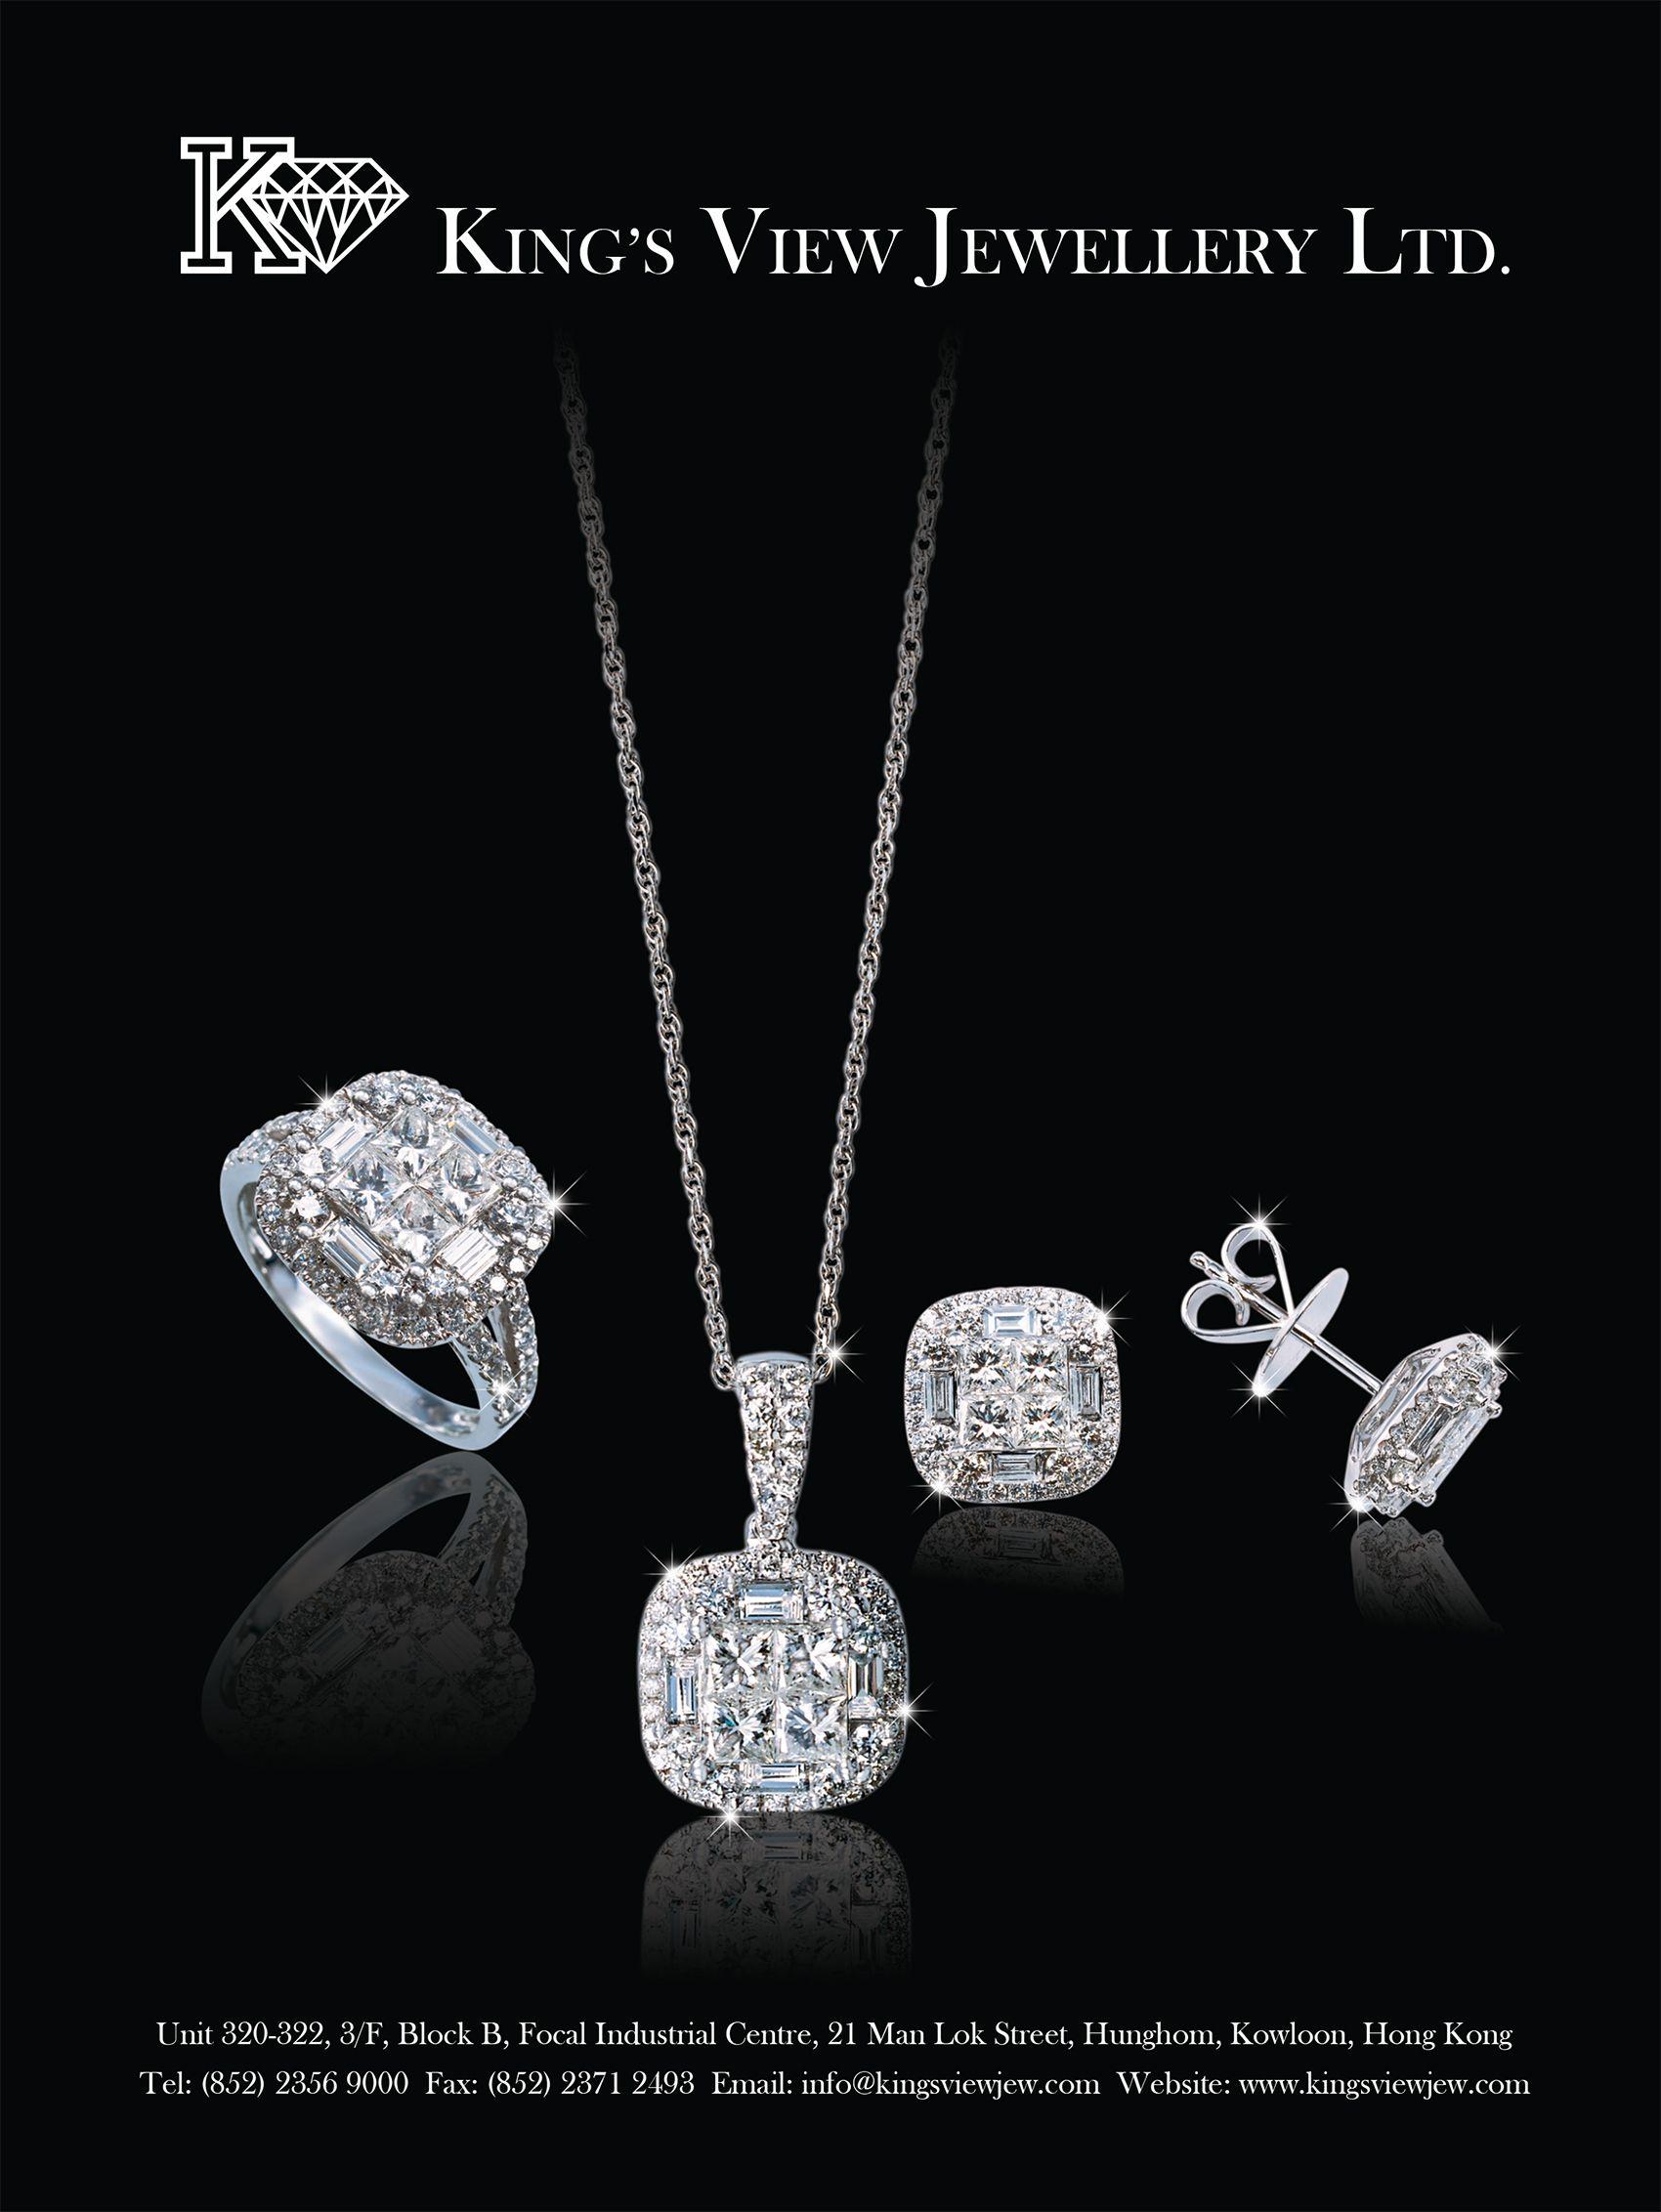 95246f1f8f9db King's View Jewellery Ltd #Booth No.B50055 #FineJewelry #JCK ...